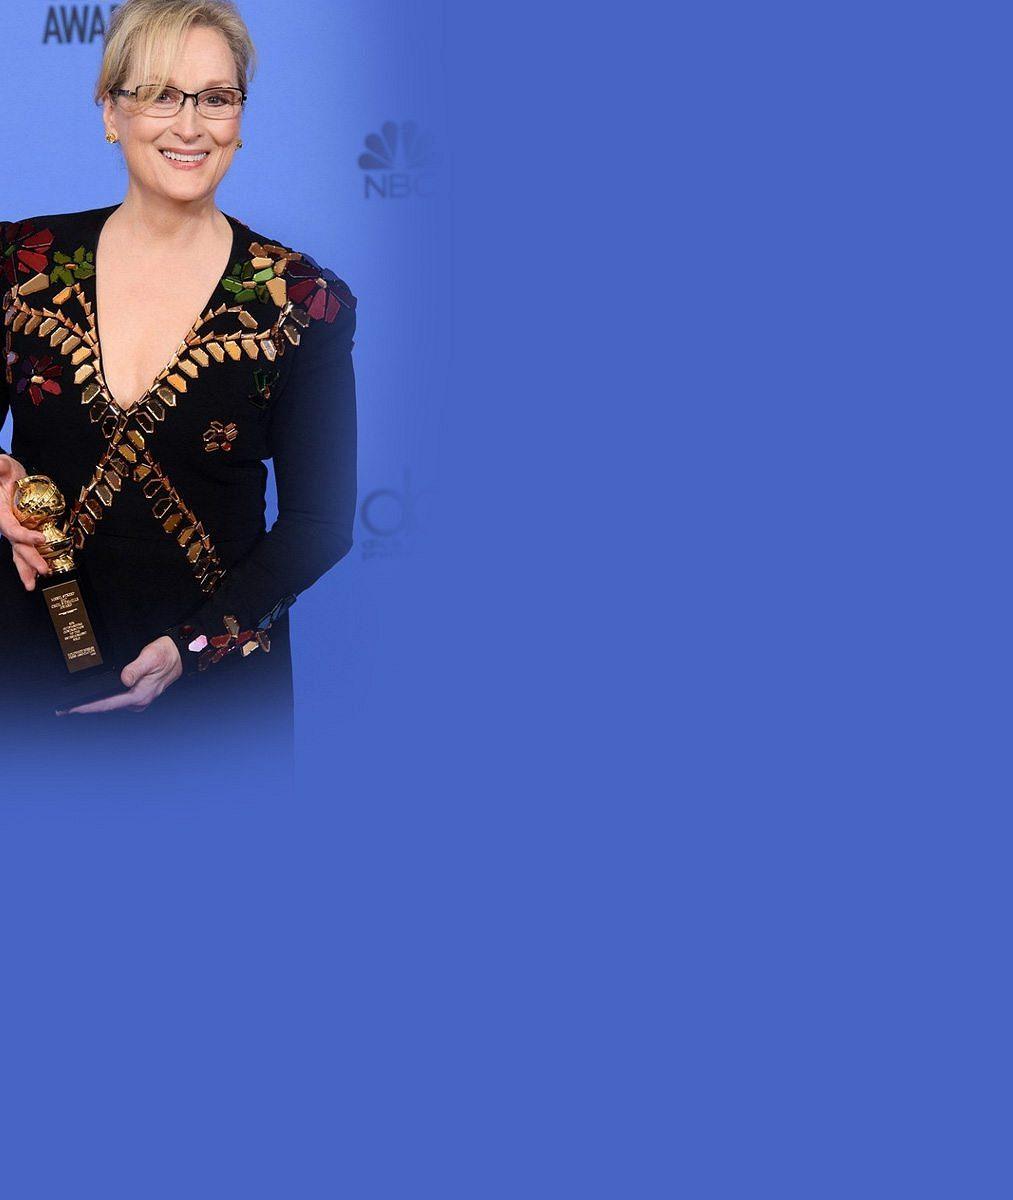 Cenou za celoživotní dílo kariéra nekončí: Legendární Meryl Streep se nebojí ani Trumpa